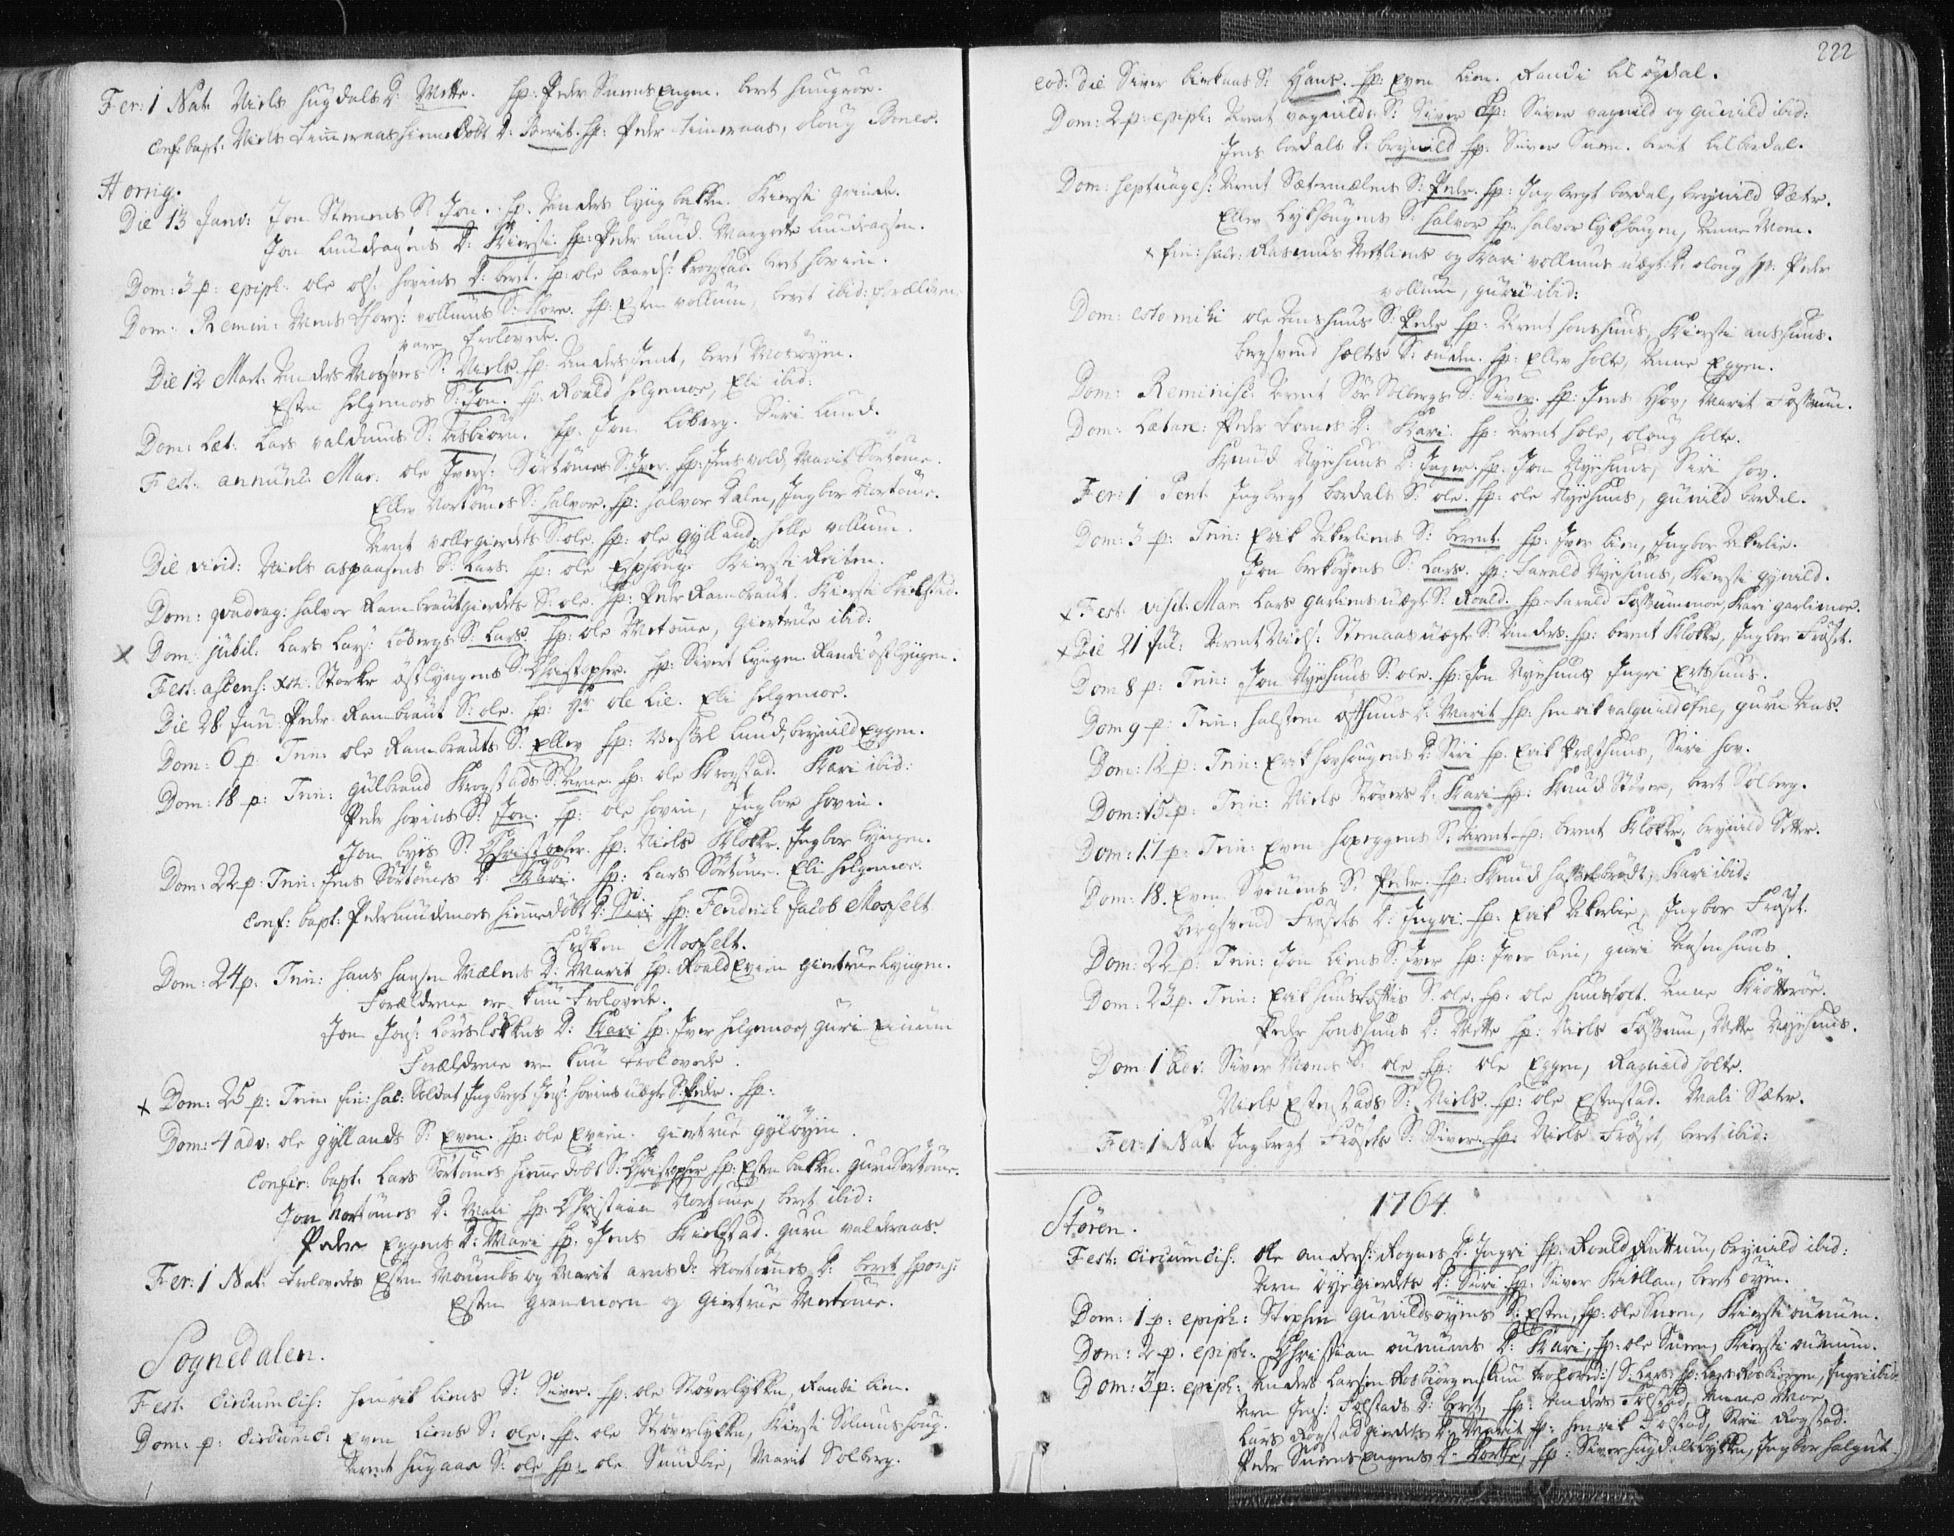 SAT, Ministerialprotokoller, klokkerbøker og fødselsregistre - Sør-Trøndelag, 687/L0991: Ministerialbok nr. 687A02, 1747-1790, s. 222